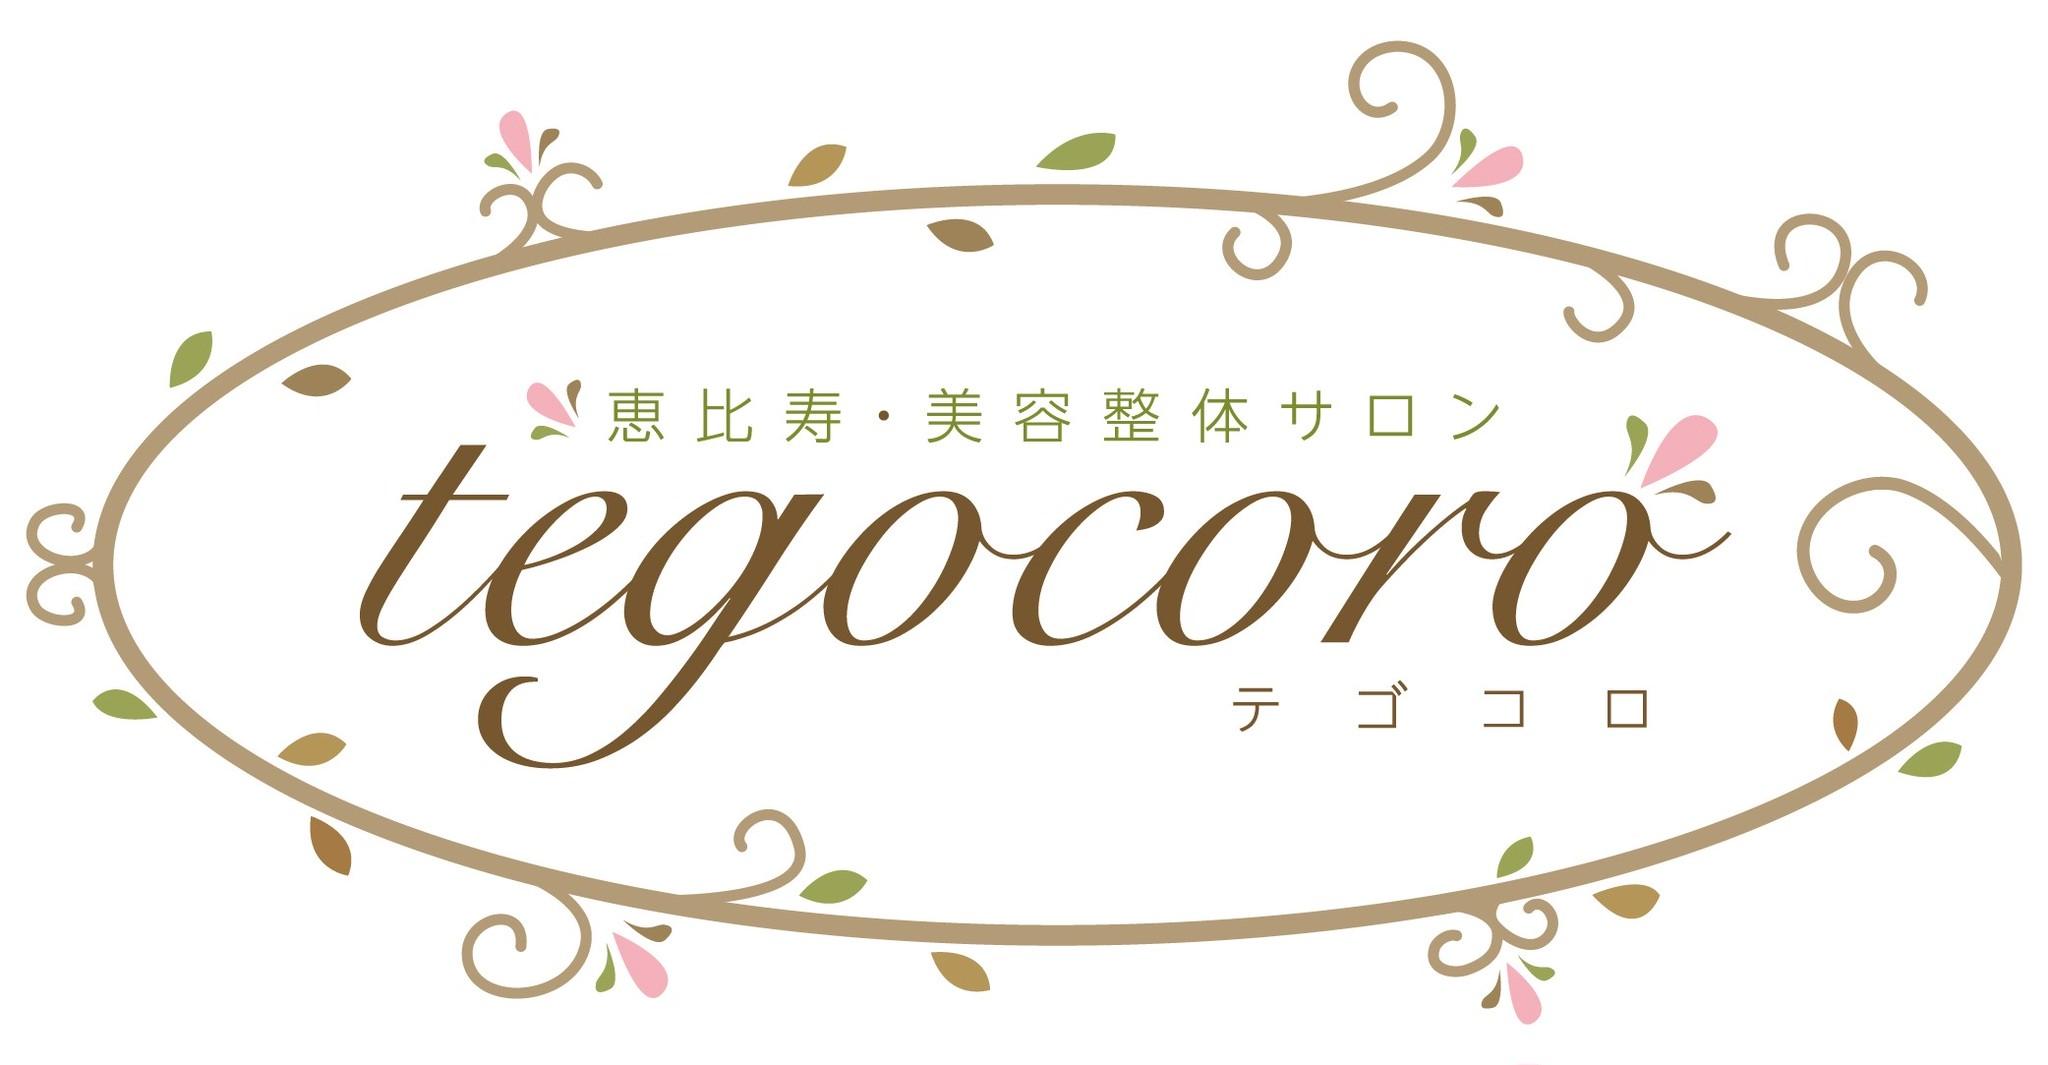 tegocoro~ぷらむのお店~